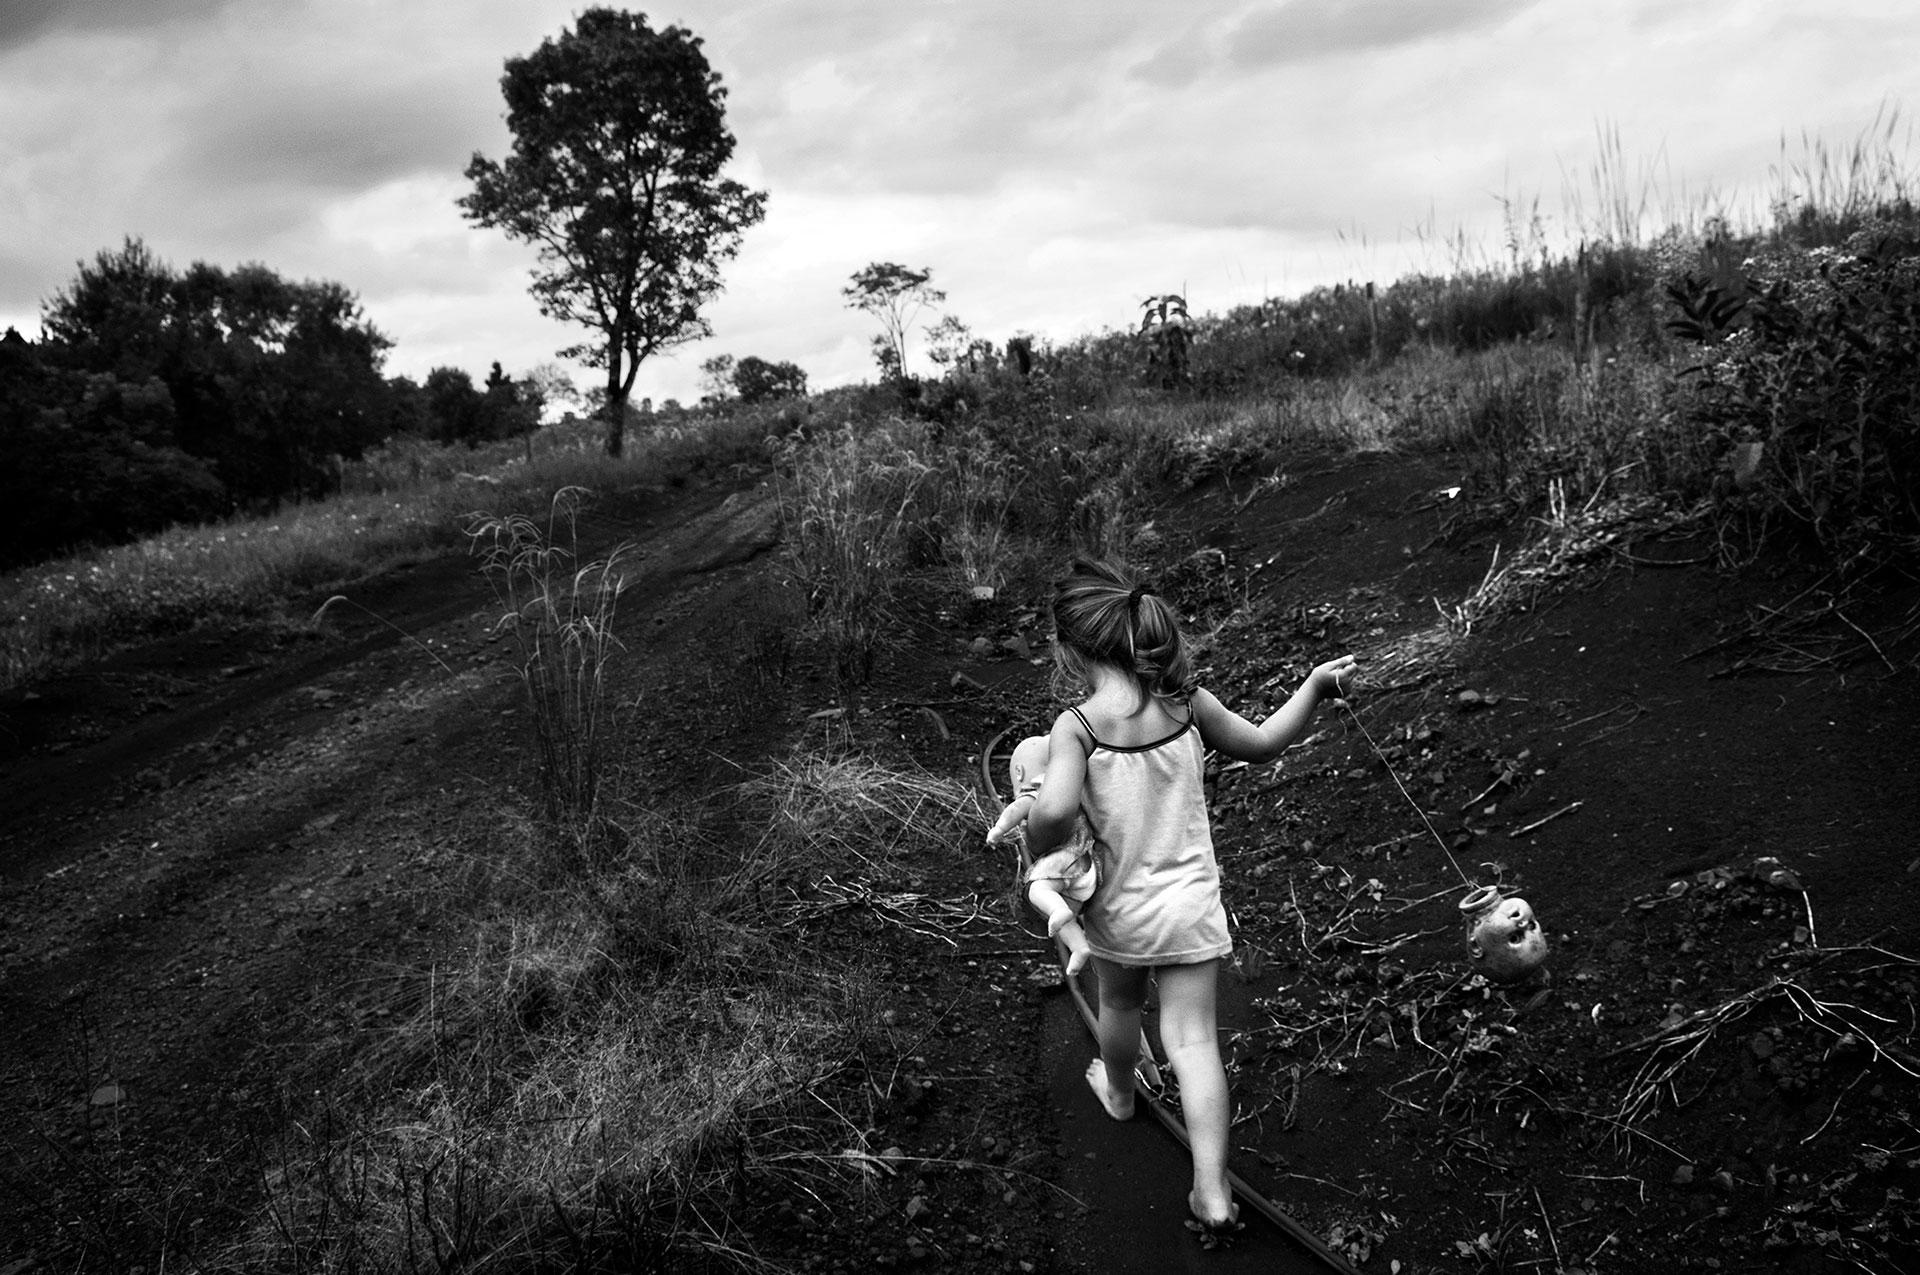 15-4-2015. Alicia Alta - Misiones. Una niña corre a través de los campos.